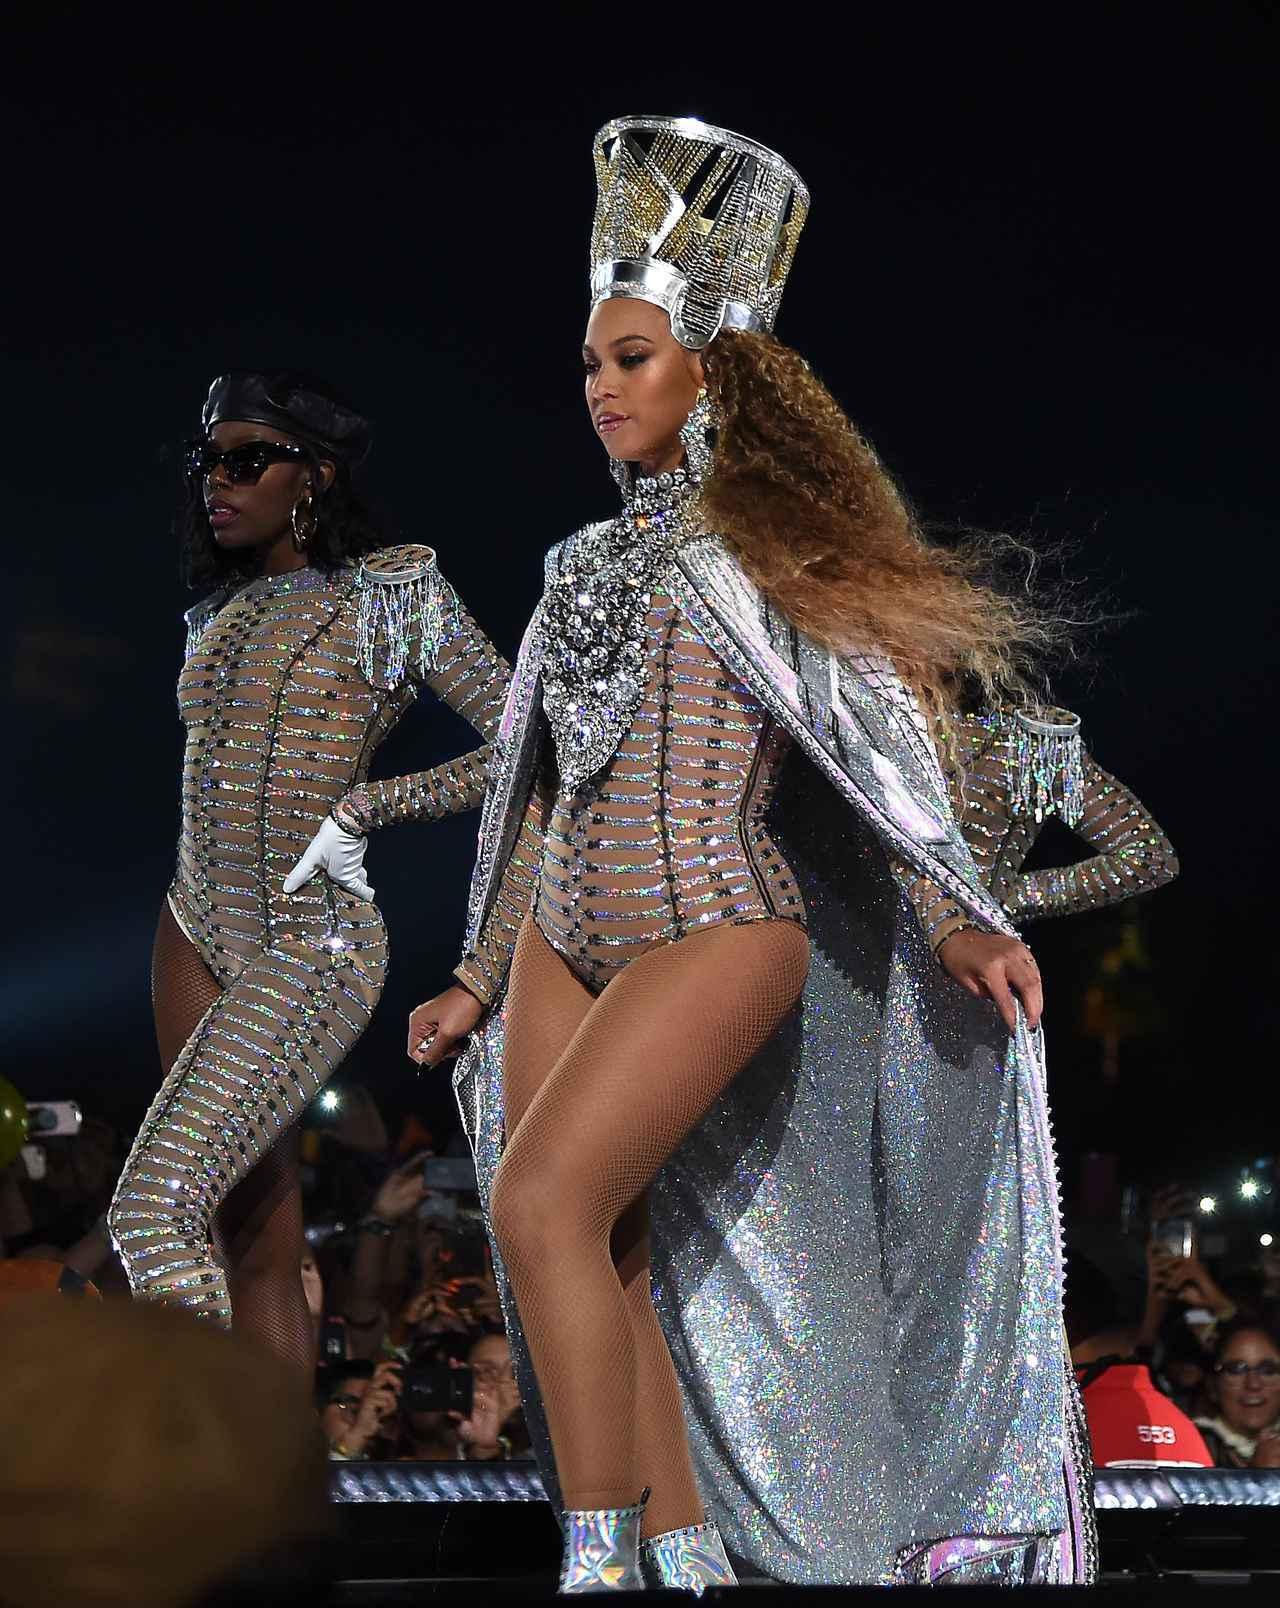 画像: オリヴィエがデザインした衣装を身に着けてパフォーマンスするビヨンセ。